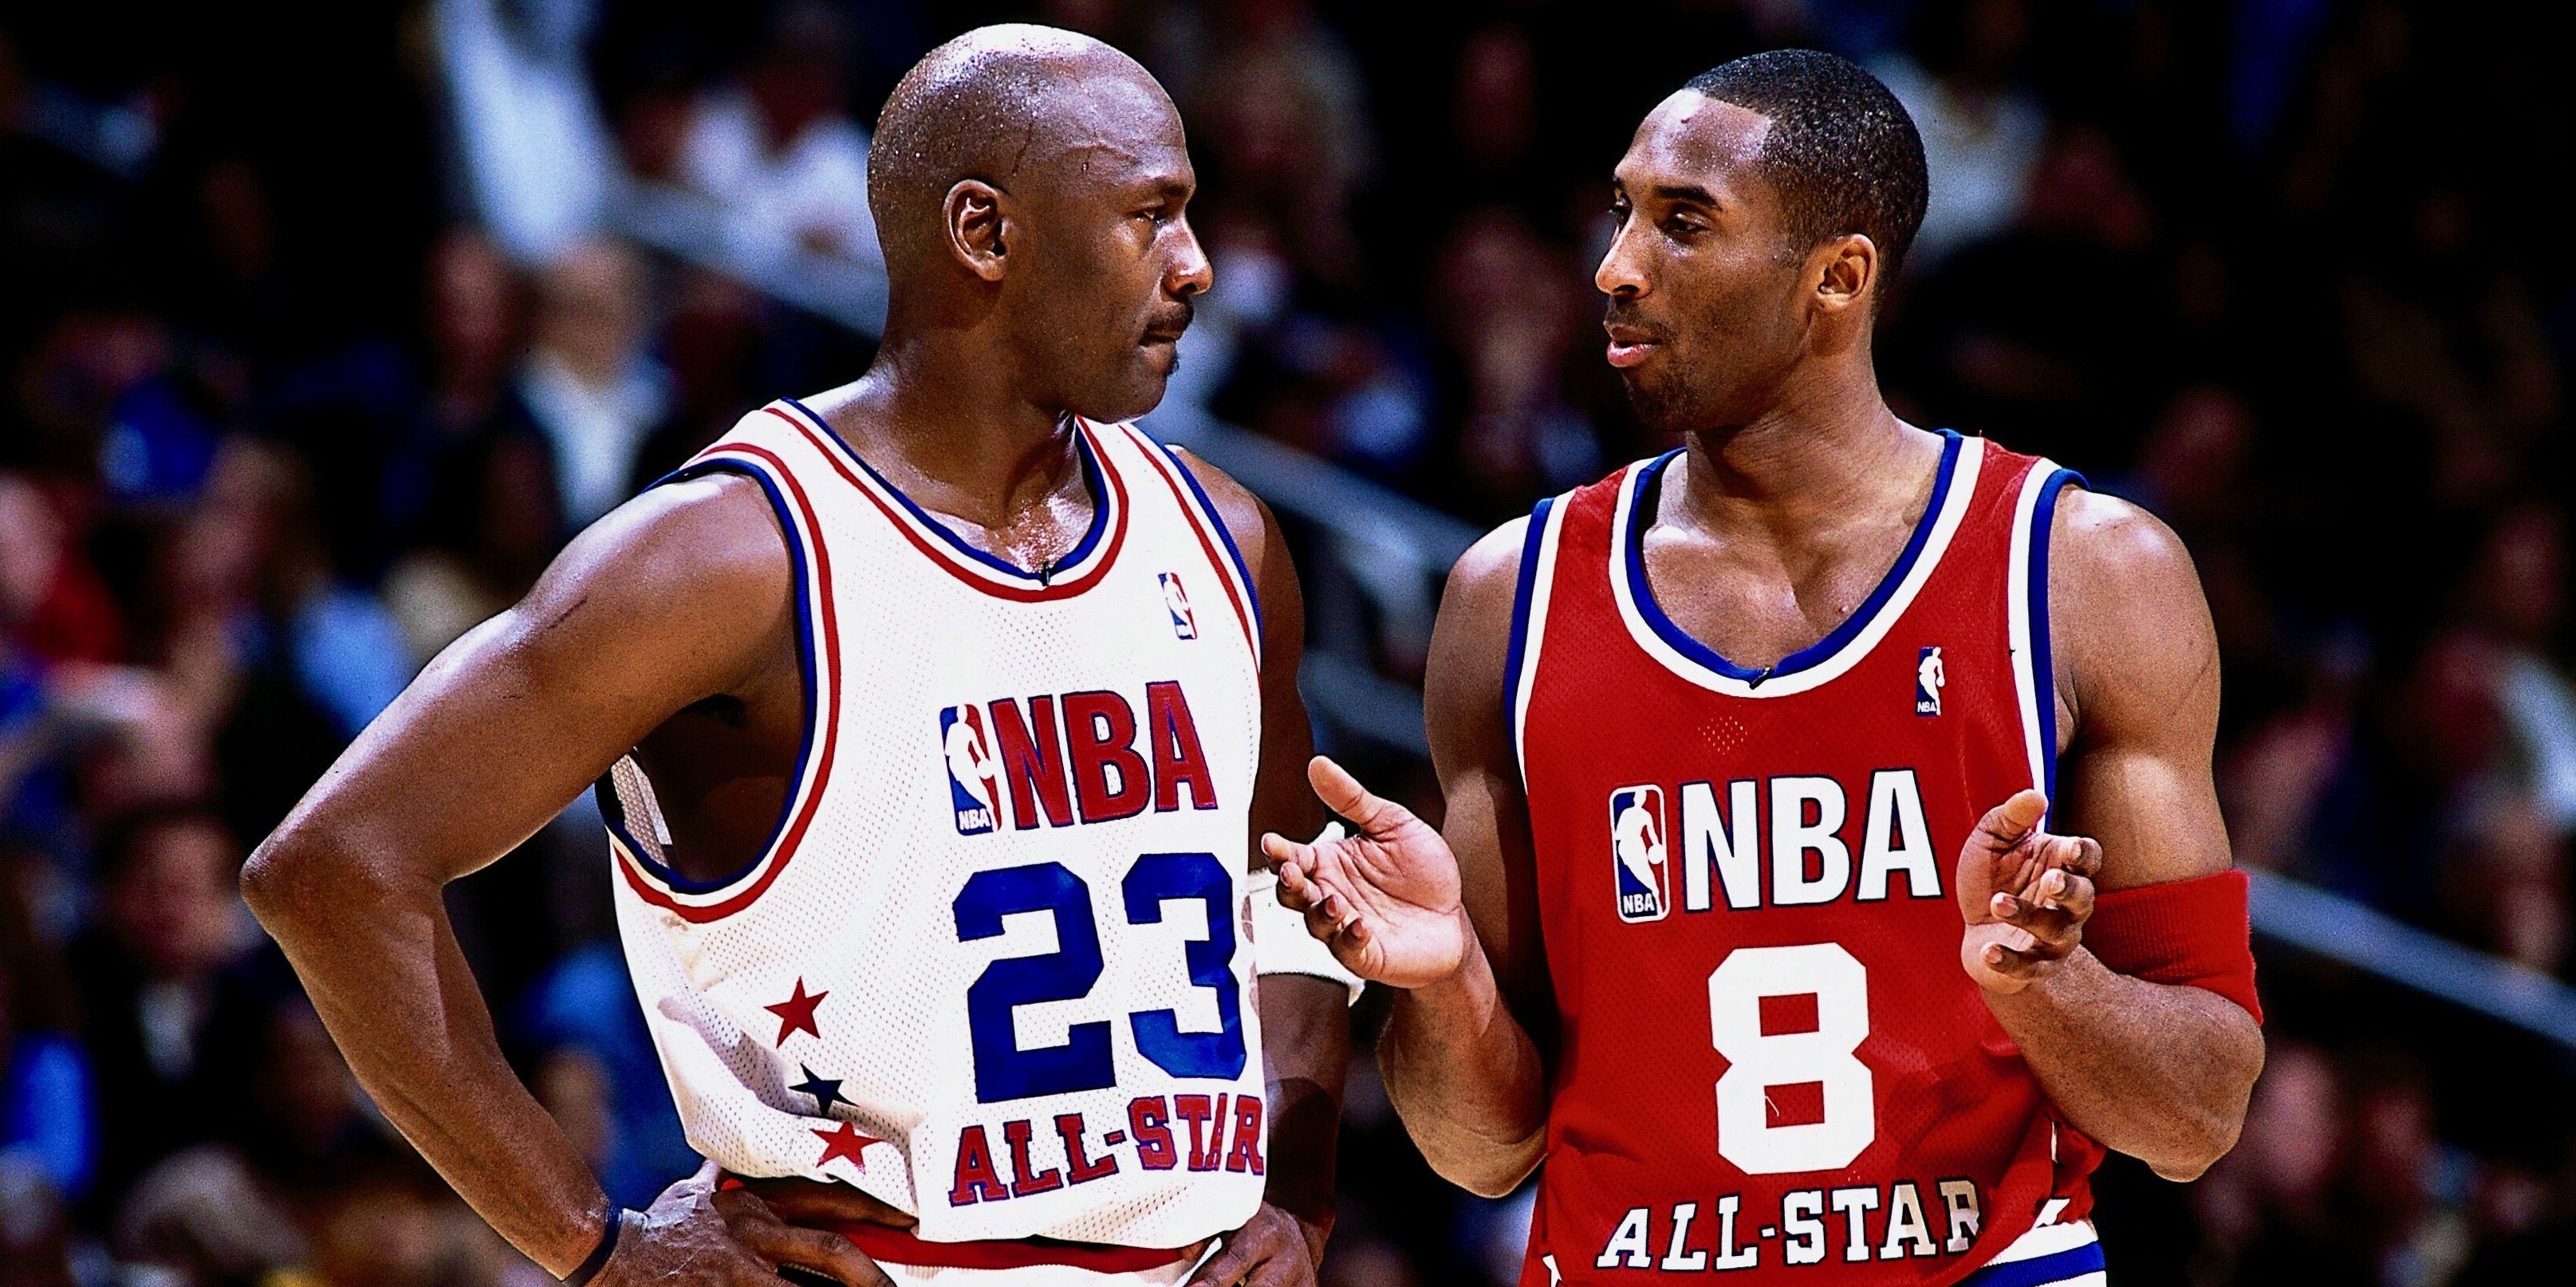 Ostatni taniec Jordana, pierwszy taniec Bryanta. Legendarne mecze NBA znów na antenie!